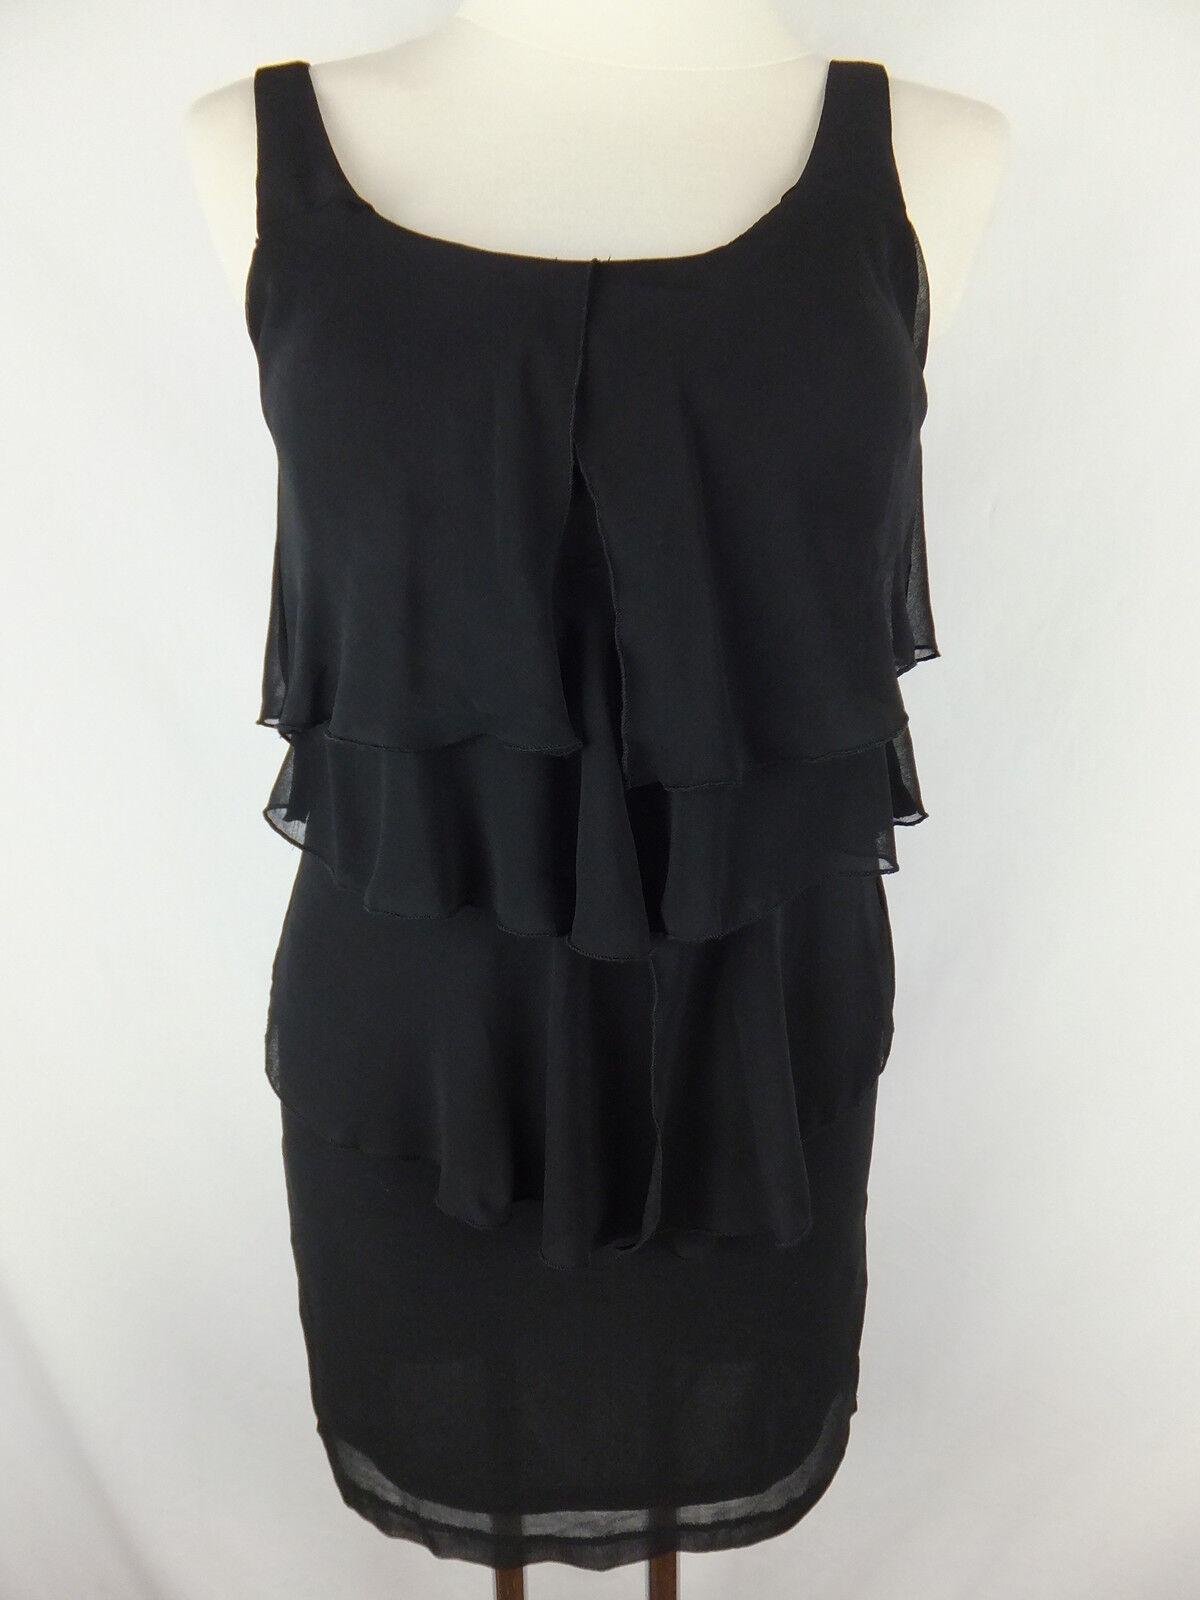 LAVAND Kleid  S 36  schwarz  neu m. Etikett   asymetrisch  Volants  Lagen Look